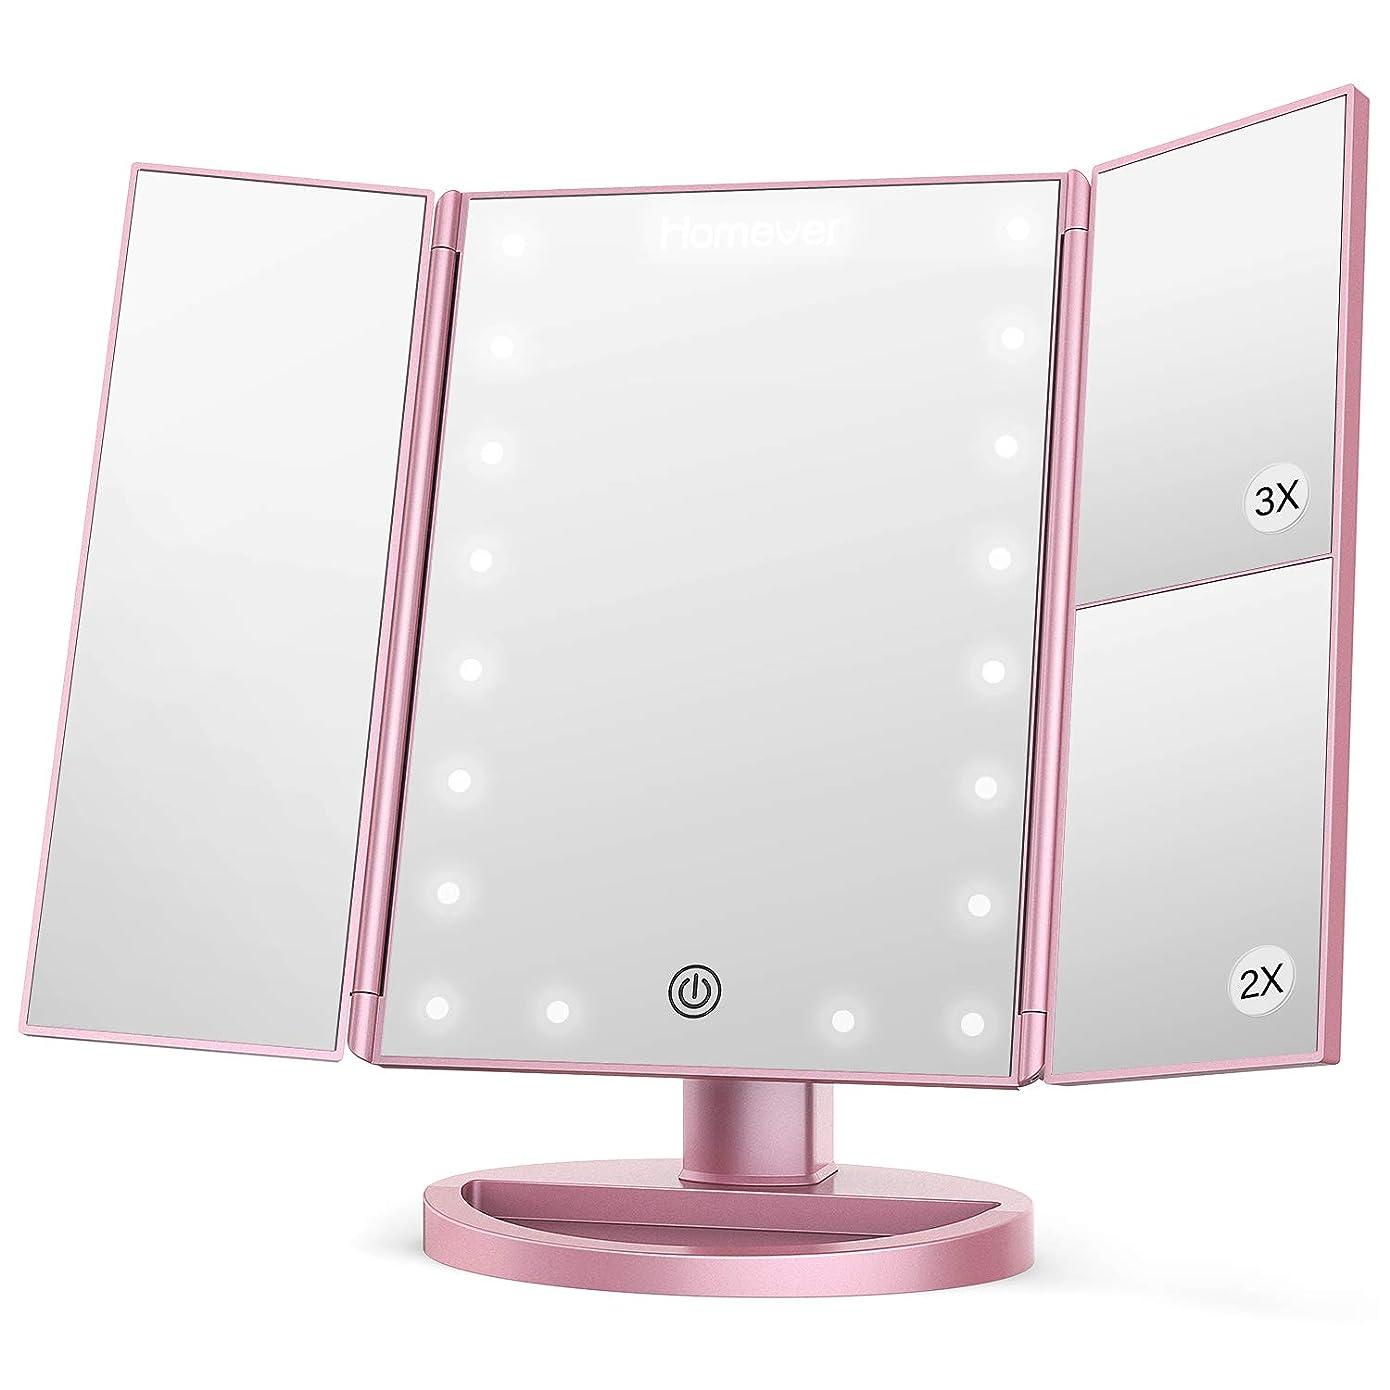 マエストロ代数的必要性Homever 化粧鏡 拡大鏡 鏡 卓上 LEDライト21灯三面鏡 2&3倍拡大鏡付 180 °回転 折りたたみ式 タッチパネル 明るさ?角度自由調整 女優ミラー 電池&USB 2WAY給電